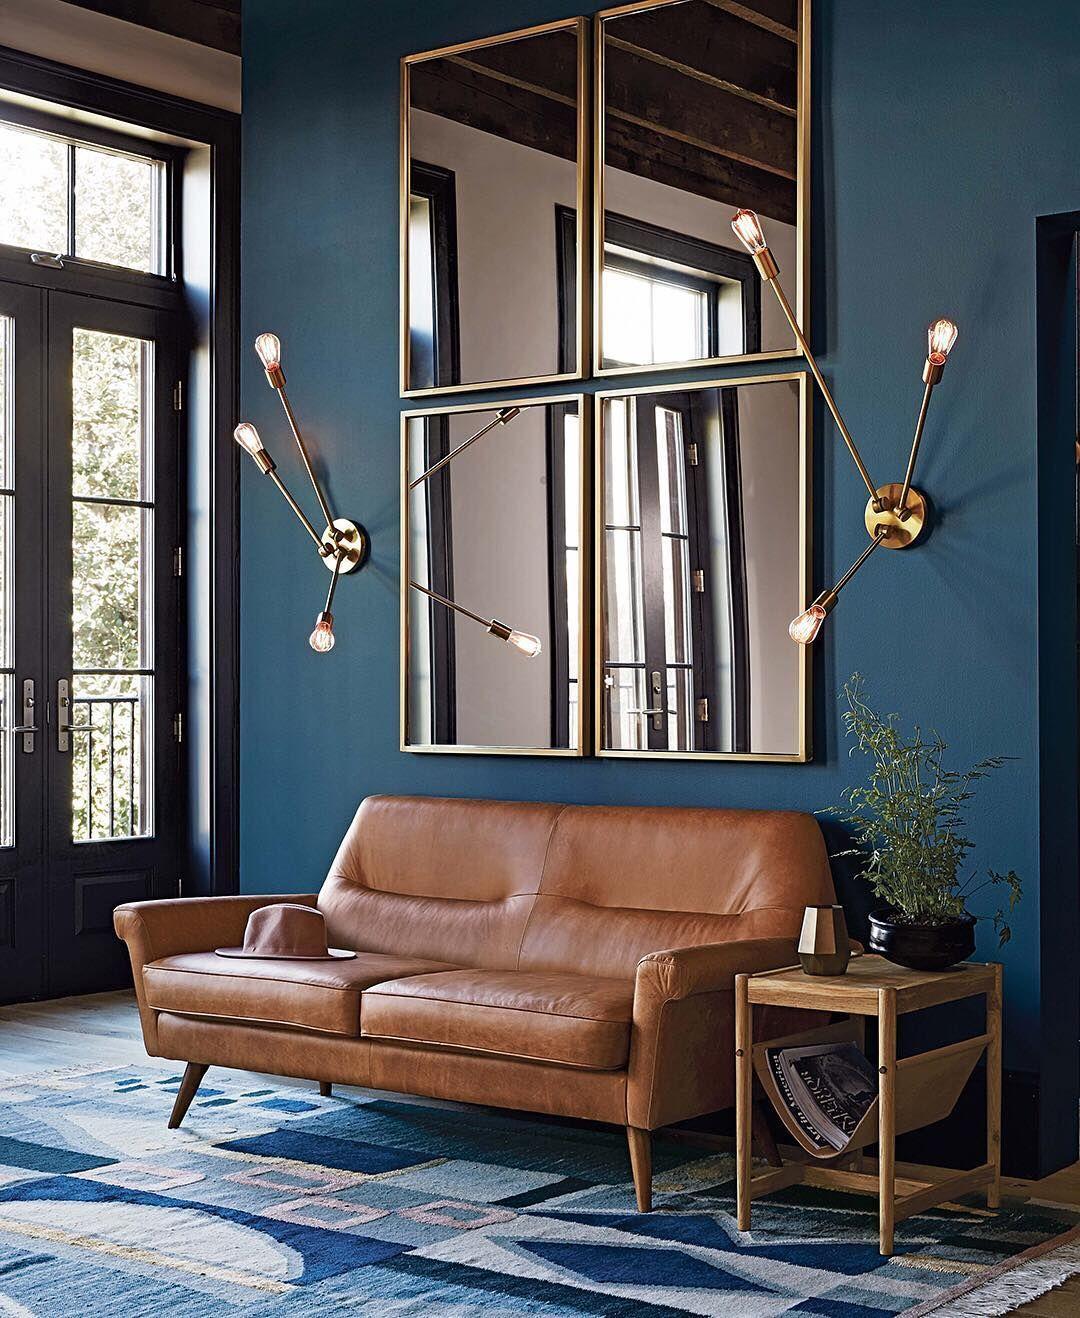 die besten 25 farbe petrol ideen auf pinterest teal wohnzimmer wandgestaltung mit 2 farben. Black Bedroom Furniture Sets. Home Design Ideas